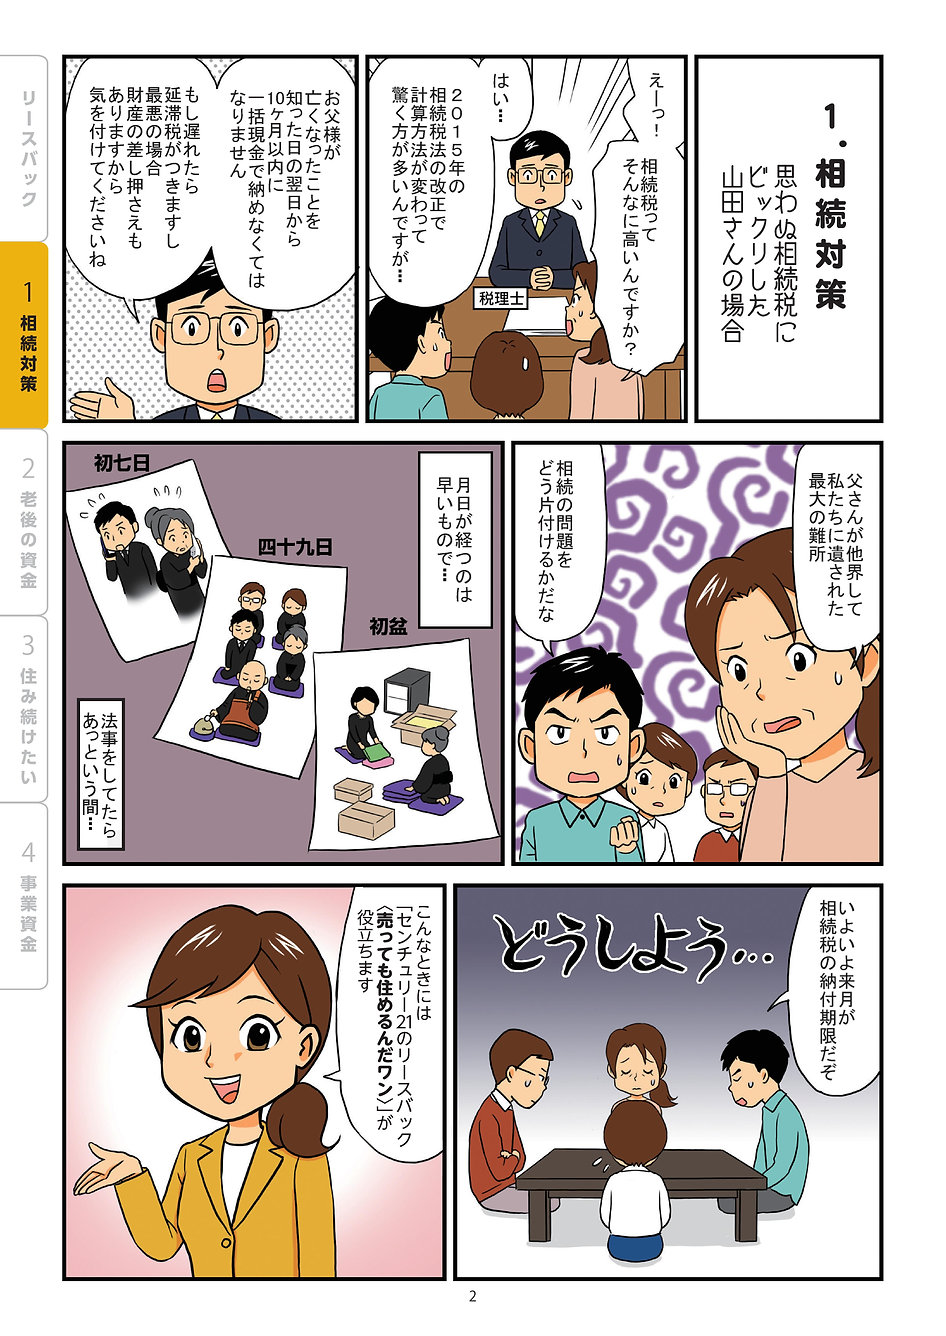 C21リースバック_新ロゴ漫画-03.jpg